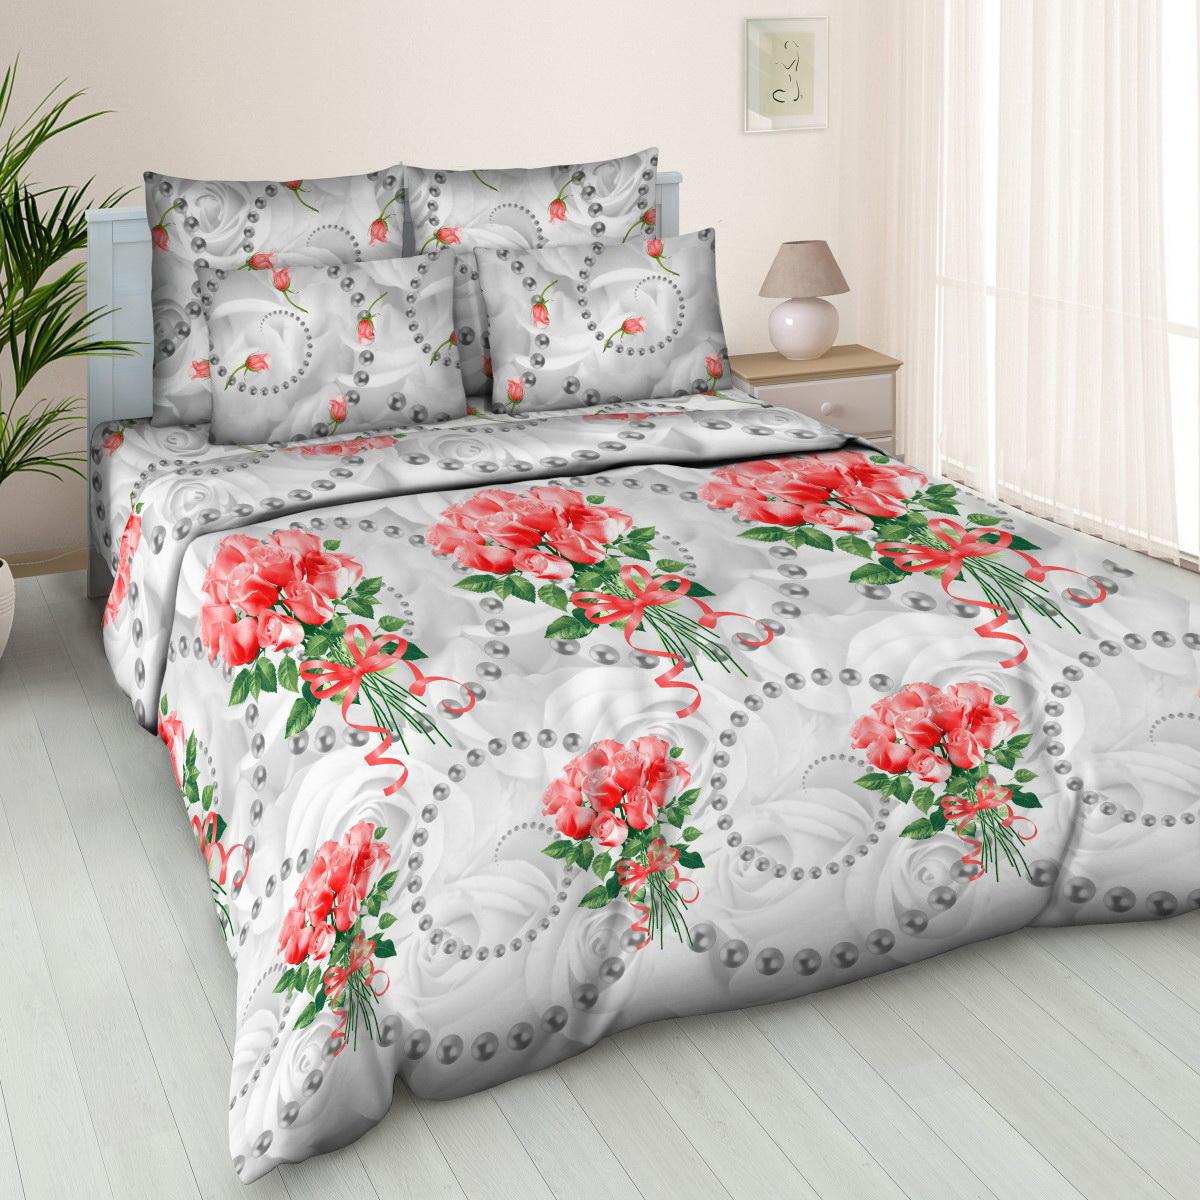 Комплект белья Cleo Жемчужная роза, 1,5-спальный, наволочки 70x7015/363-BКоллекция постельного белья из бязи CLEO – это классика сна. Вся коллекция выполнена из 100% хлопка, т.е. во время сна будет комфортно в любое время года! Благодаря пигментному способу нанесение печати, даже после многократных стирок (деликатный режим), постельное белье сохраняет свой первоначальный вид.Постельное белье из бязи имеет ряд уникальных свойств: экологичность, гипоаллергенность, благодаря особому способу переплетения нитей в полотне, обеспечивается особая плотность ткани, что делает ее устойчивой к износу, сохраняется внешний вид на долгие годы, загрязнения прекрасно отстирываются любыми средствами, не садится, легко гладится, не накапливает статического электричества, благодаря составу из 100% хлопка, обладает исключительной терморегуляцией. Комплект состоит из пододеяльника, двух наволочек и простыни.